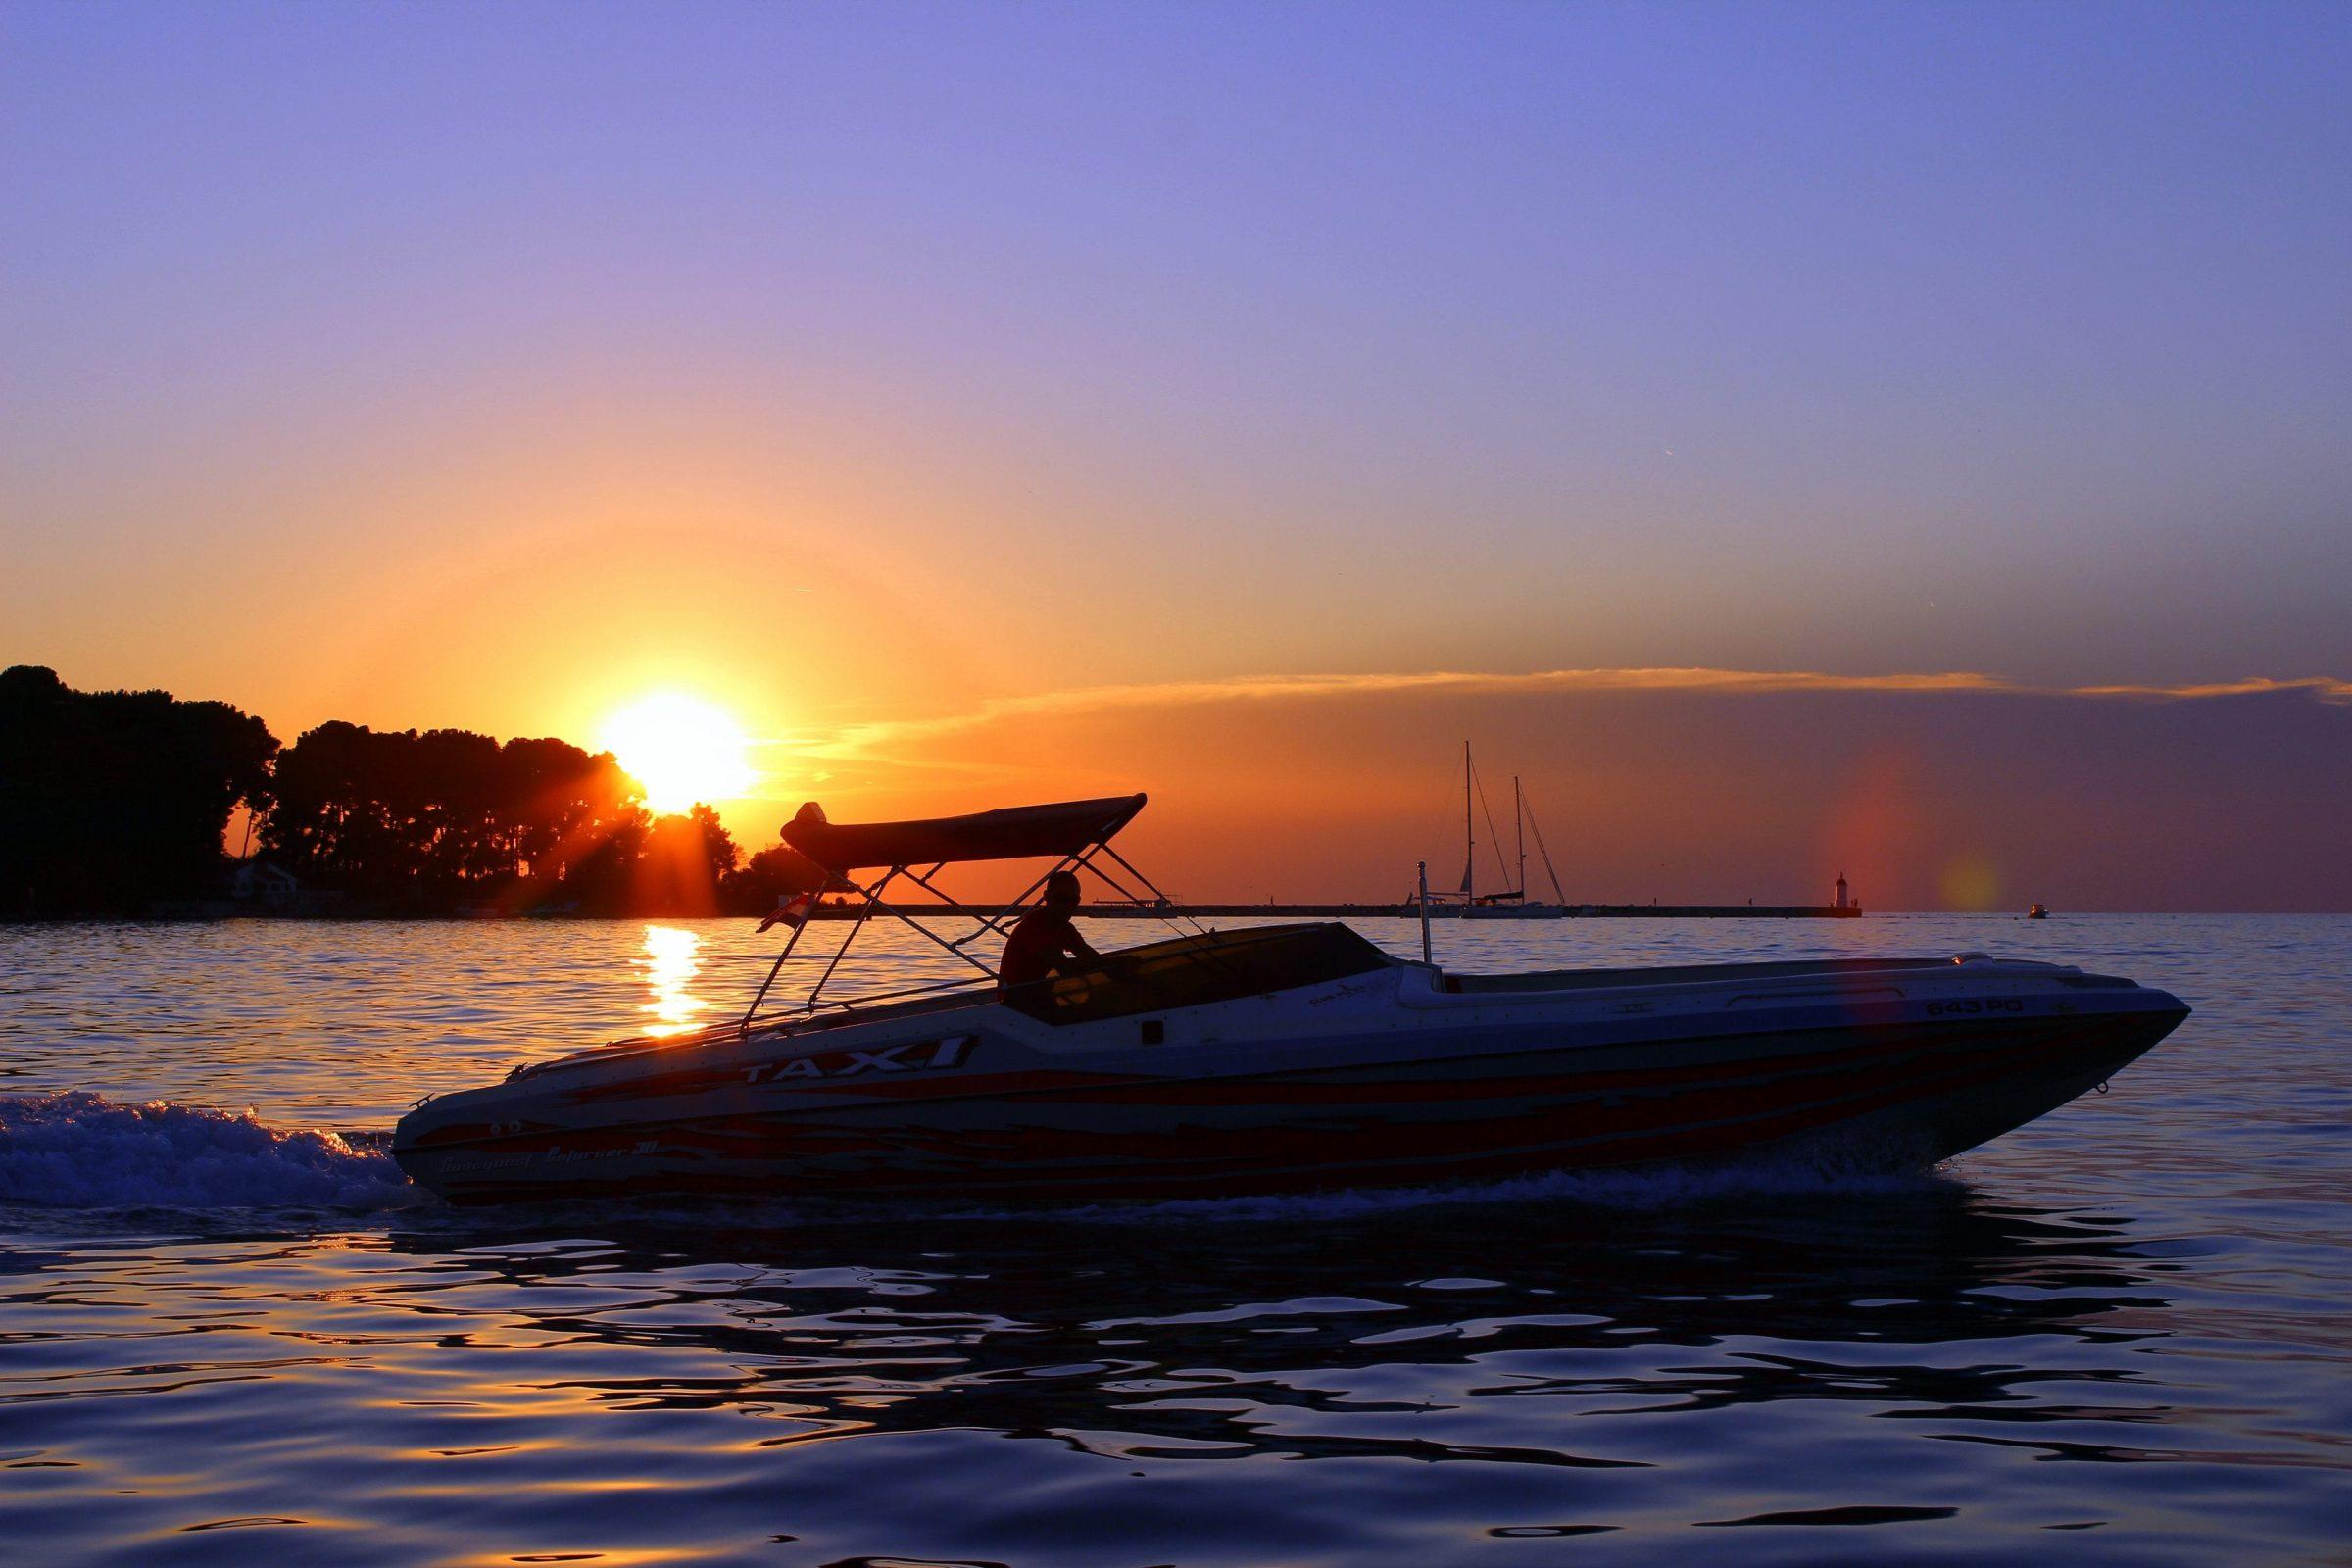 Speedboot water taxi in Porec